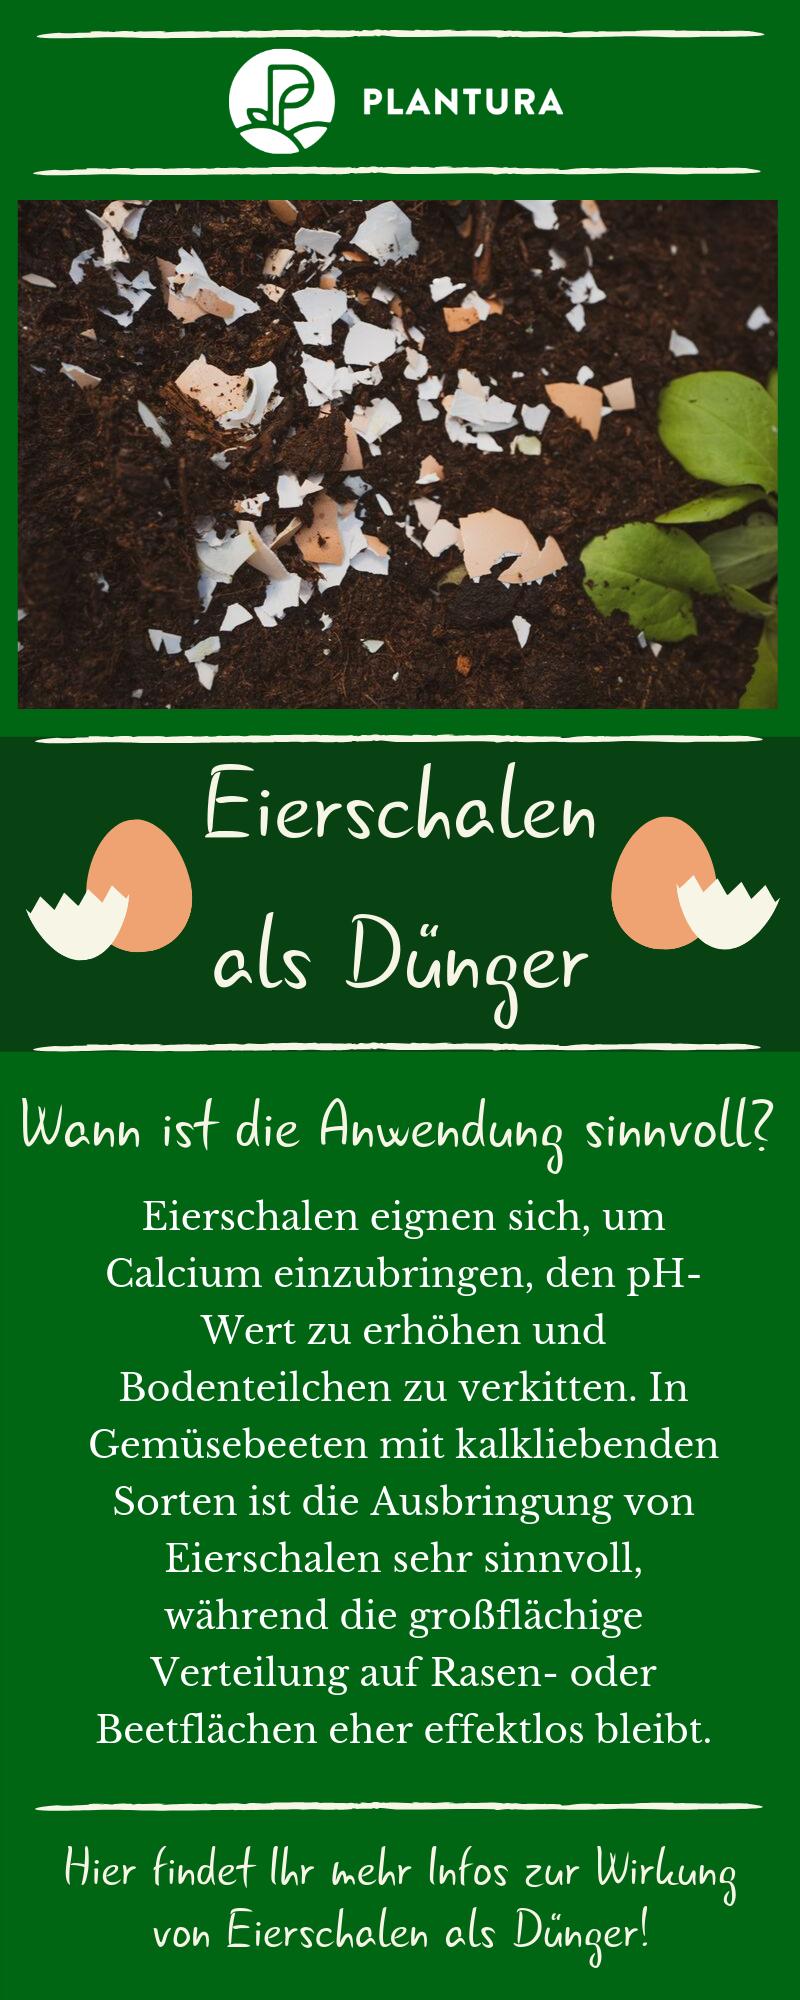 Eierschalen als Dünger: Anwendung & Wirkung - Plantura